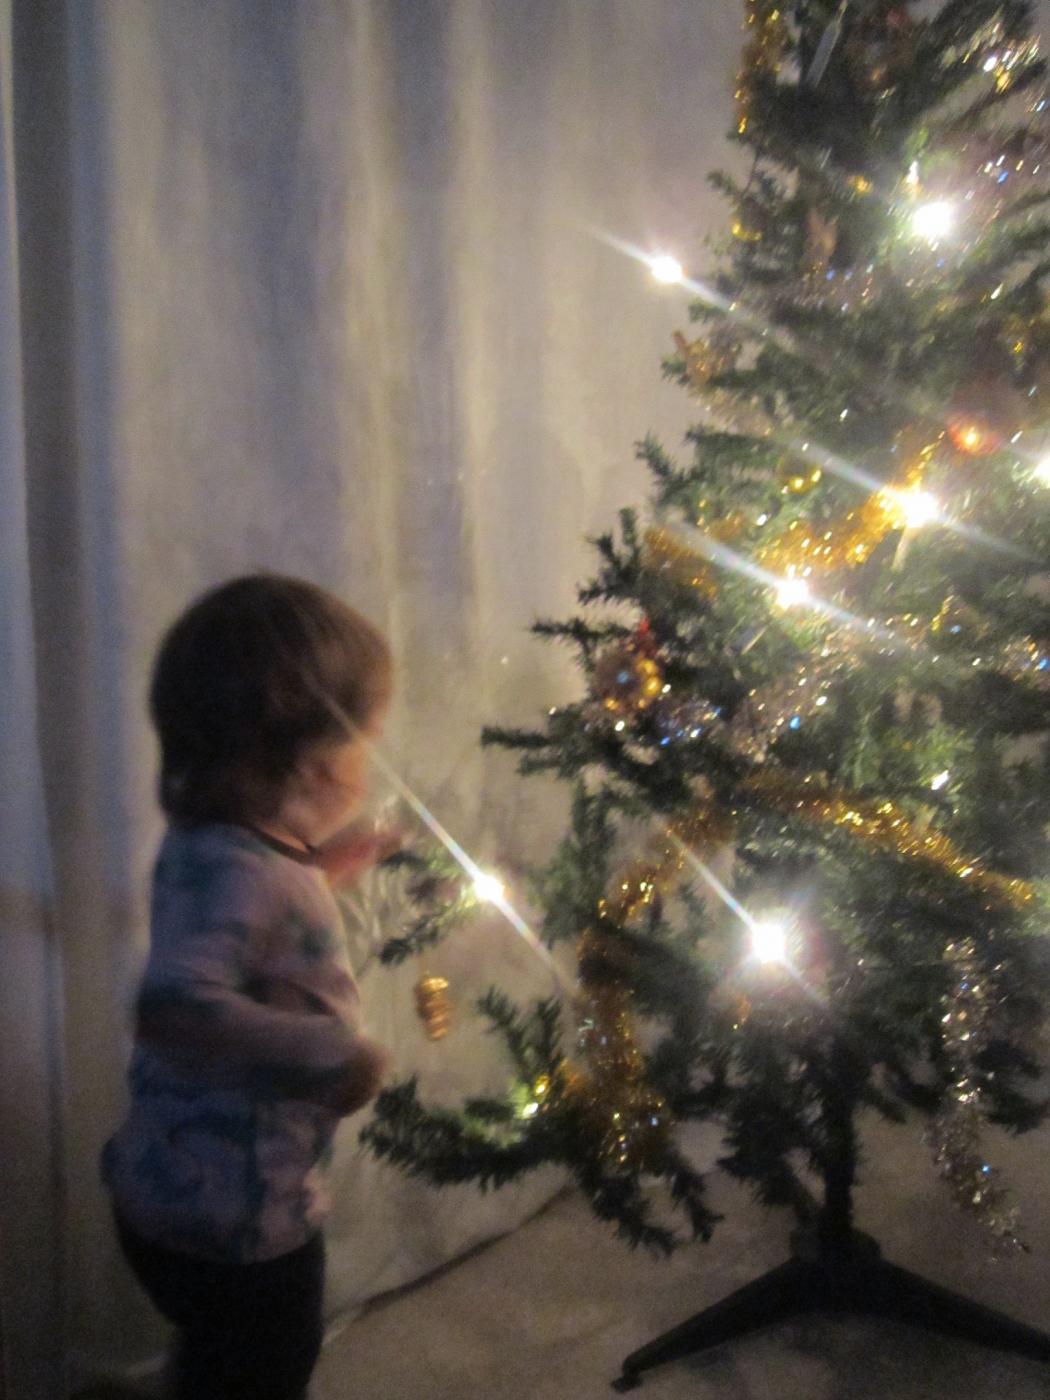 joulukuun_18._2012_112.jpg